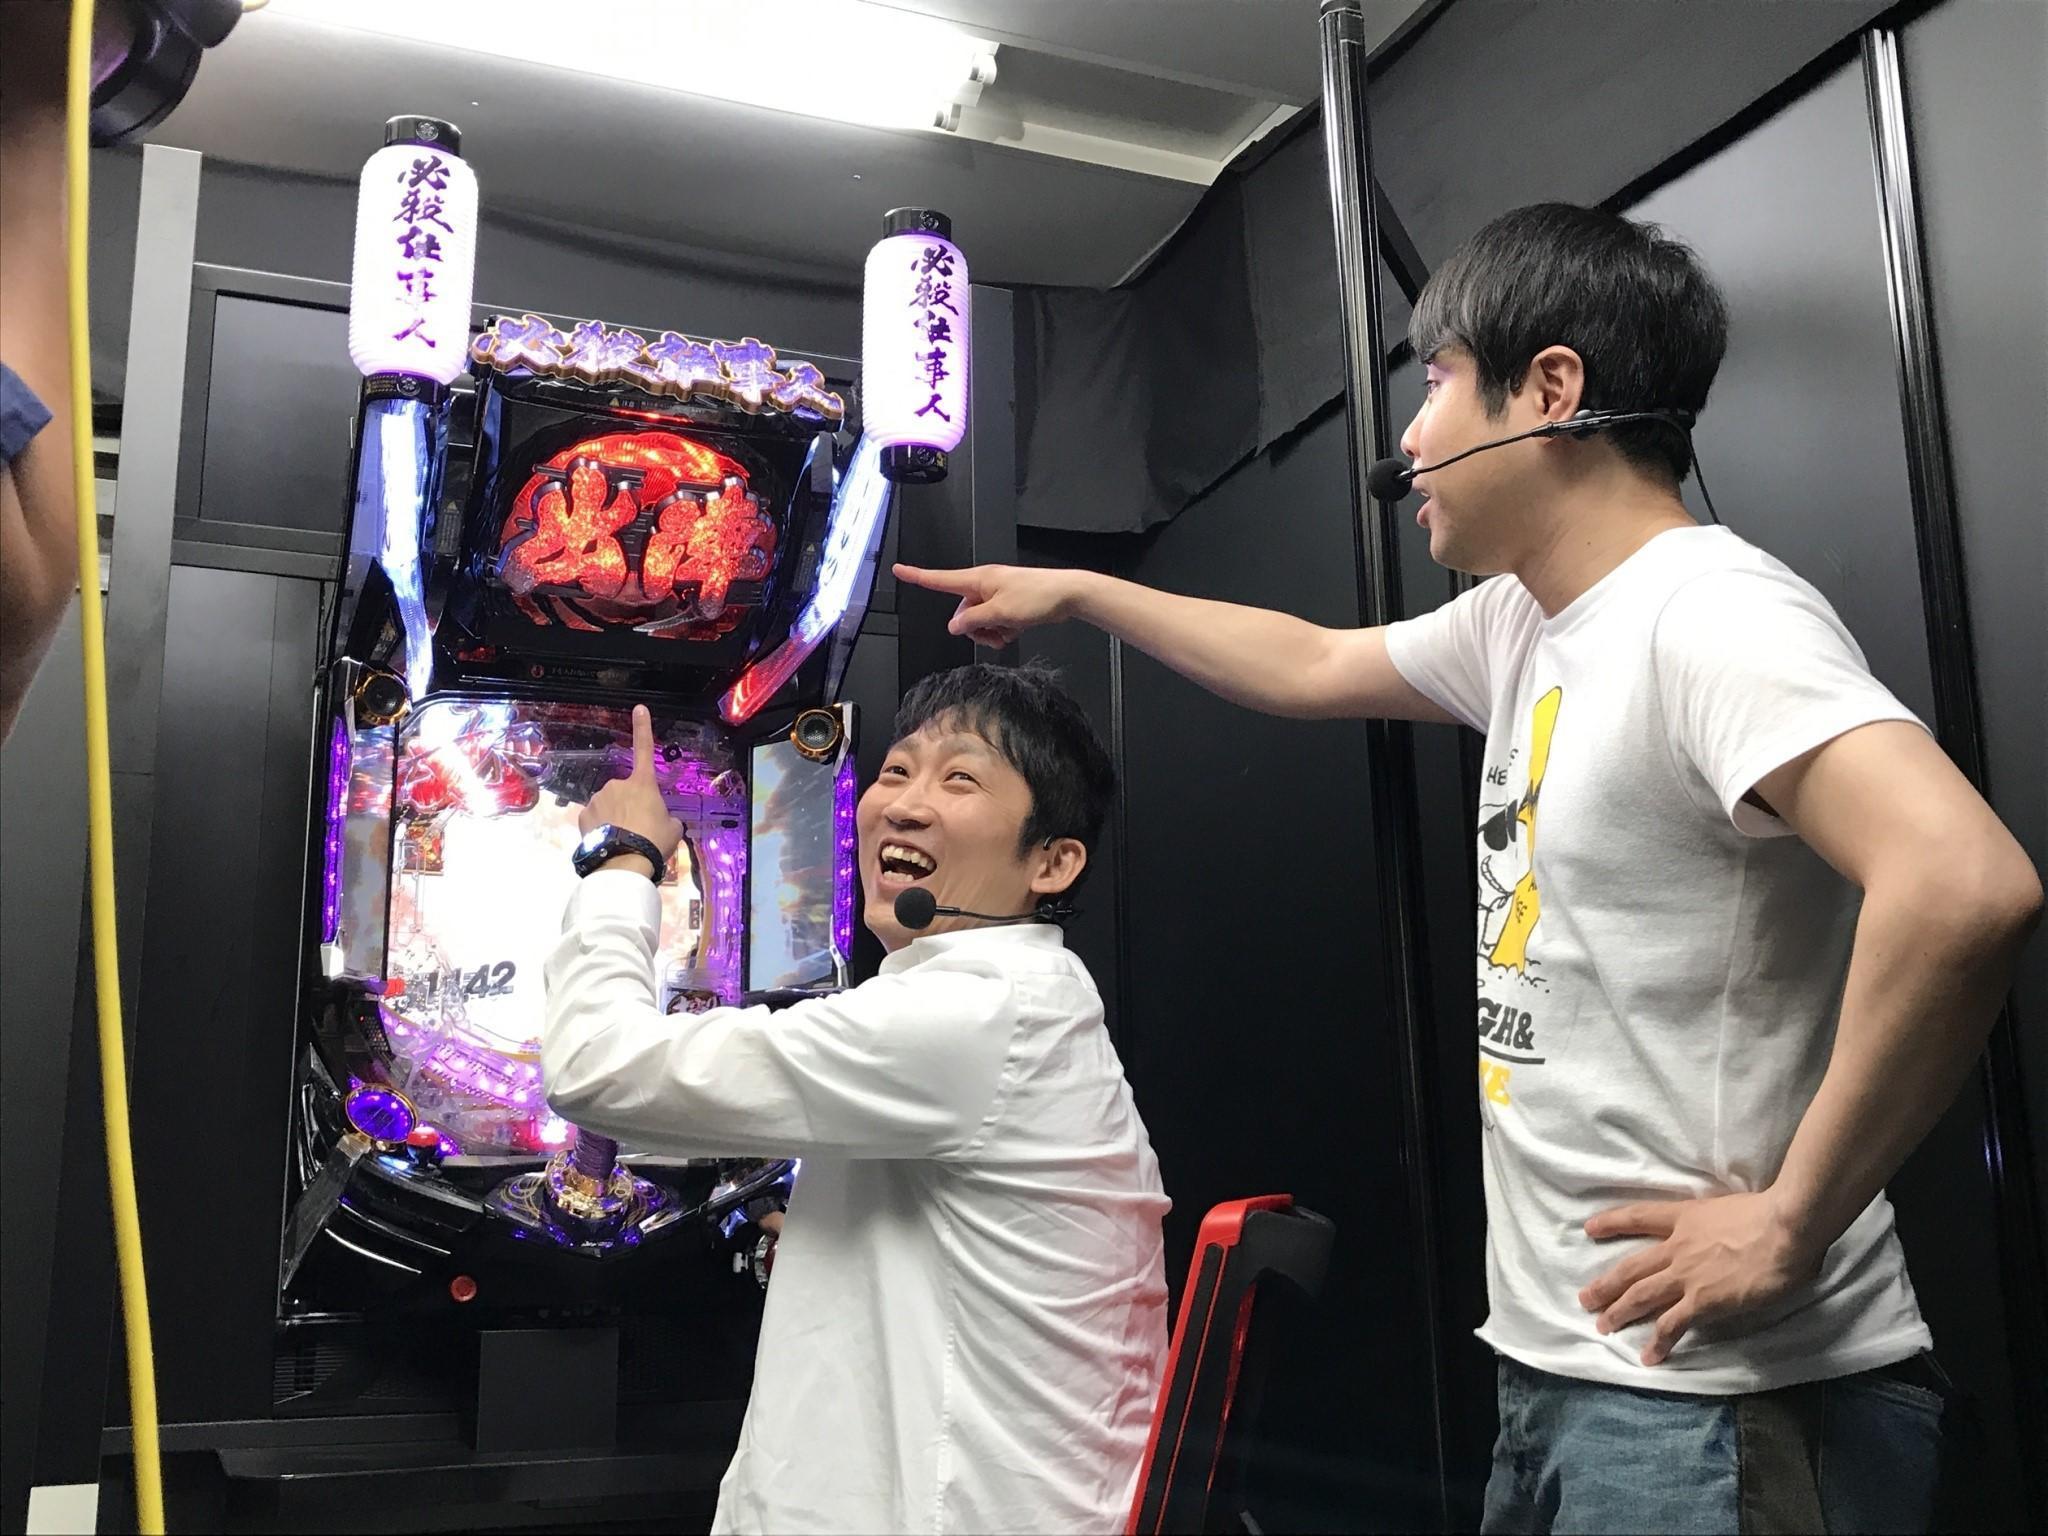 http://news.yoshimoto.co.jp/20170428174950-e004da4d28a5ffd53d783b4ea0329fb5513151f3.jpg